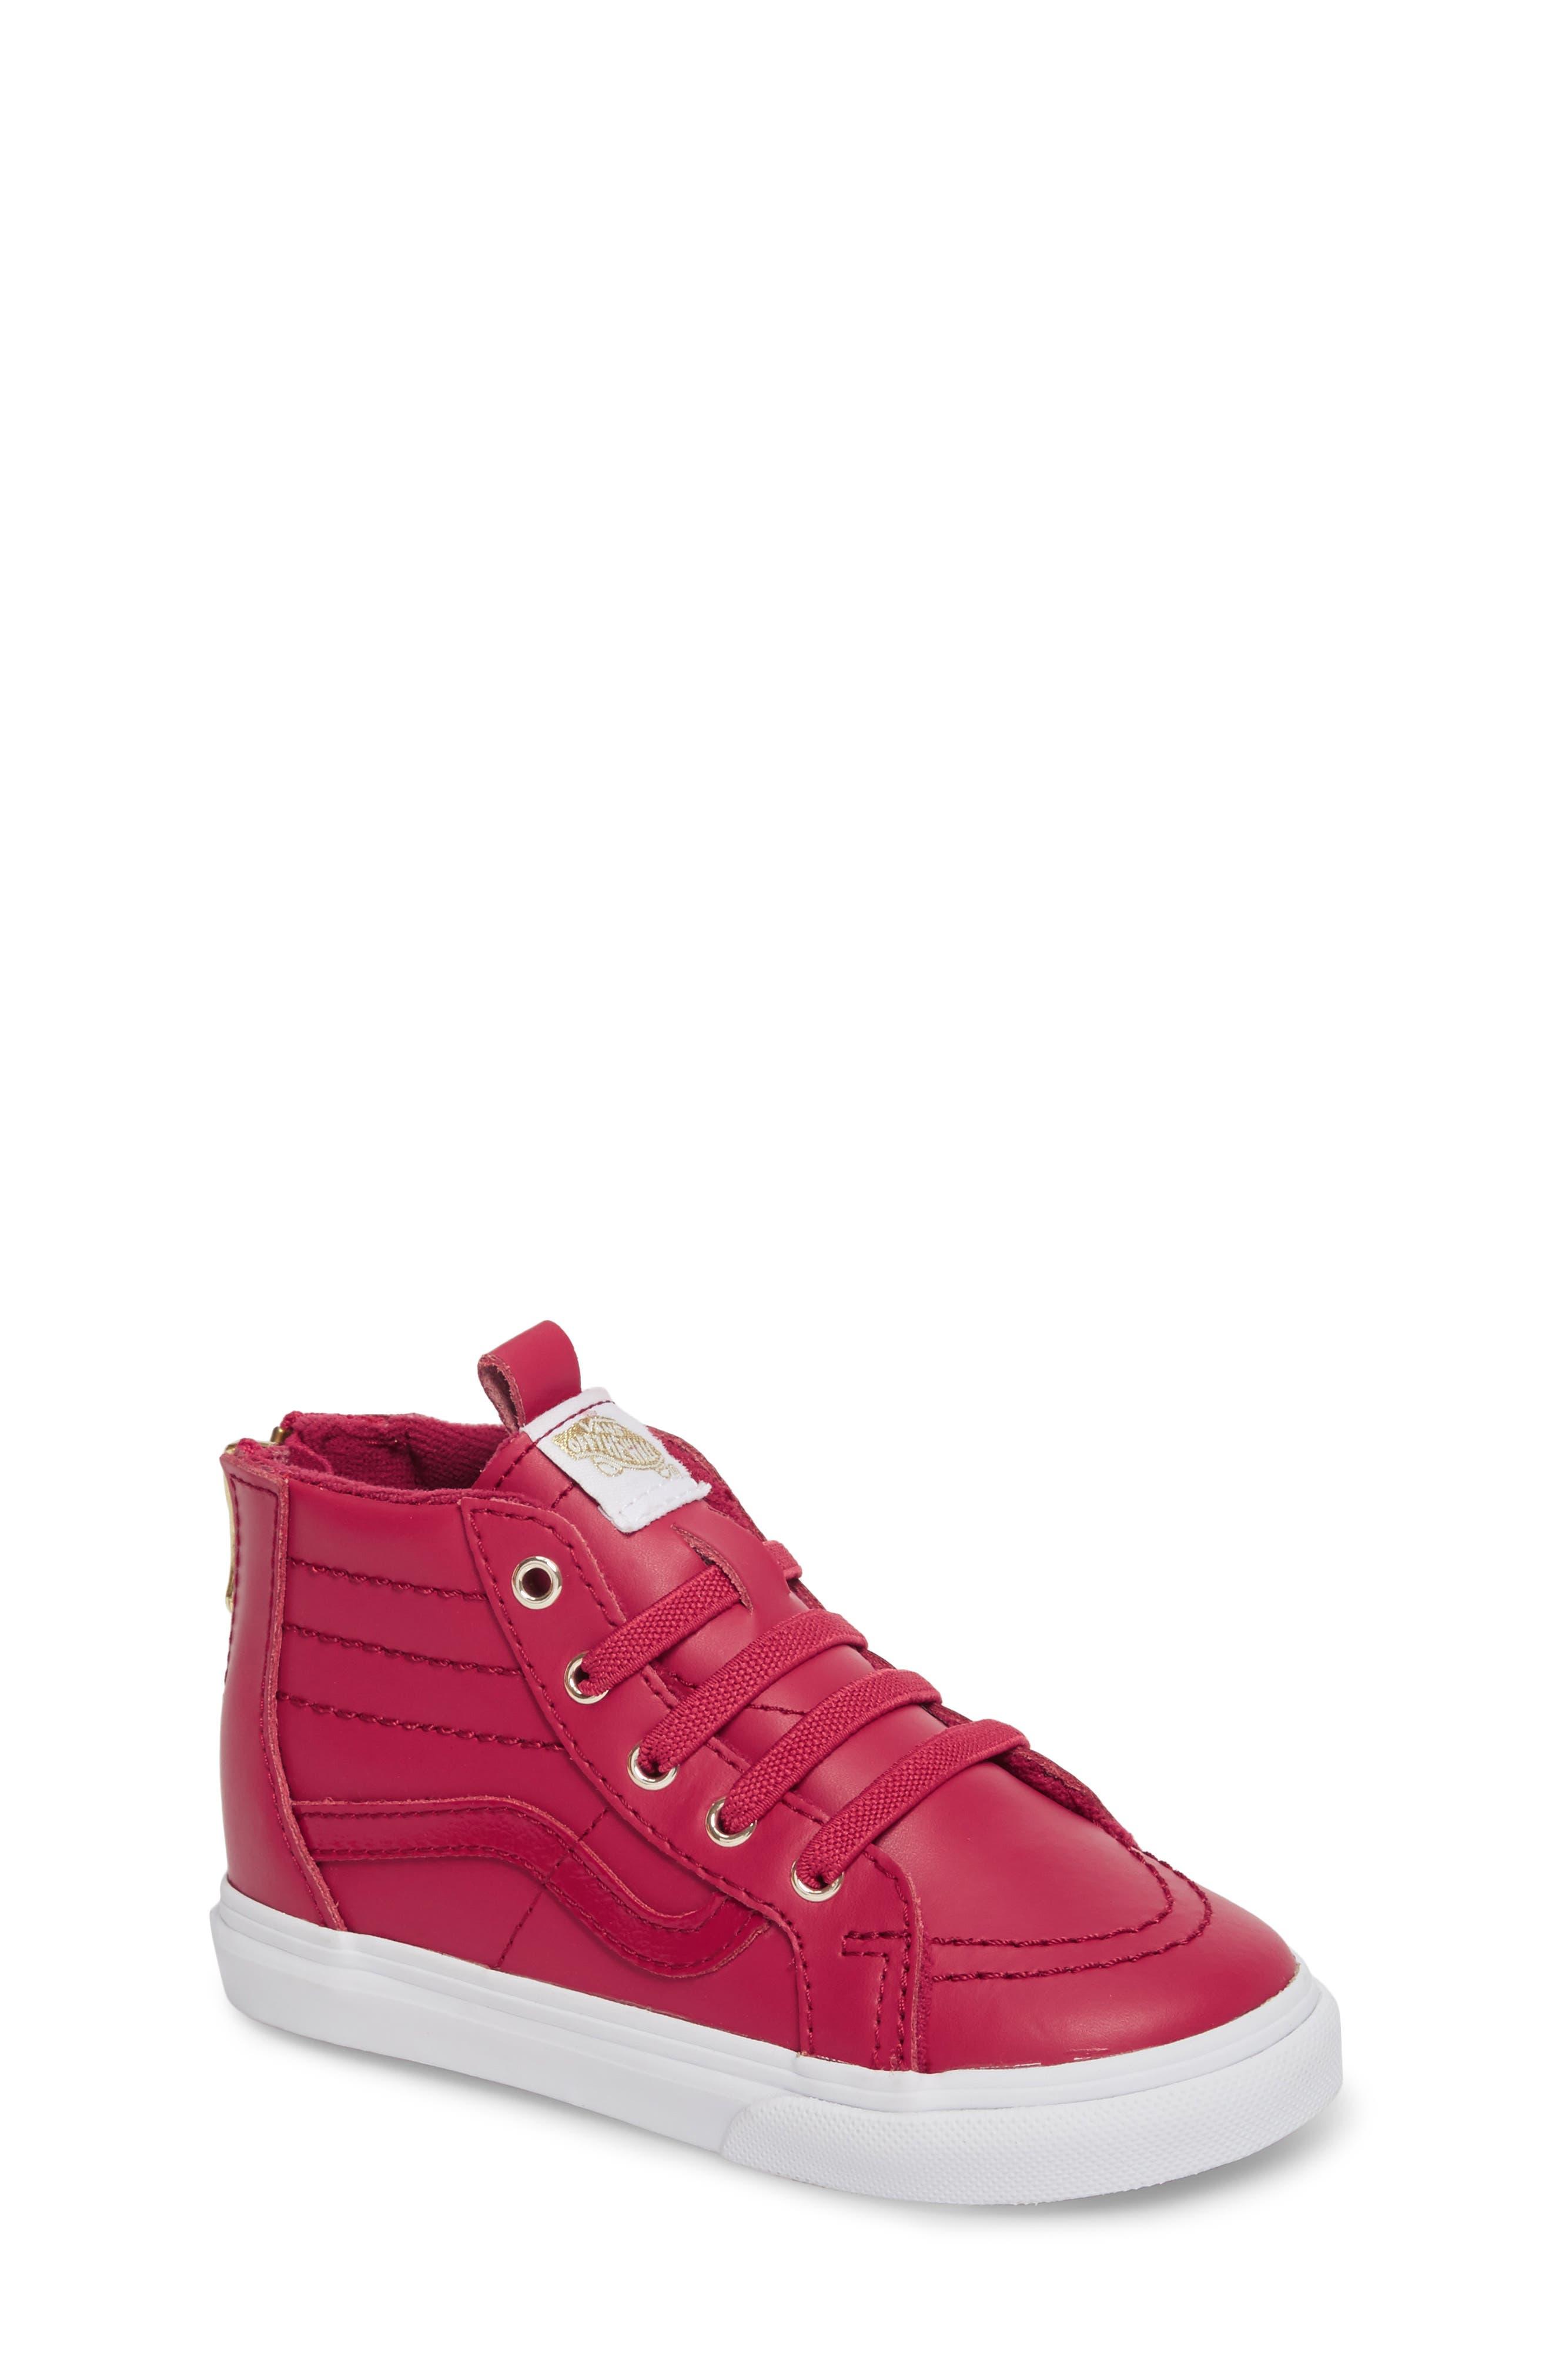 SK8-Hi Zip Sneaker,                         Main,                         color, Persian Red/ Gold